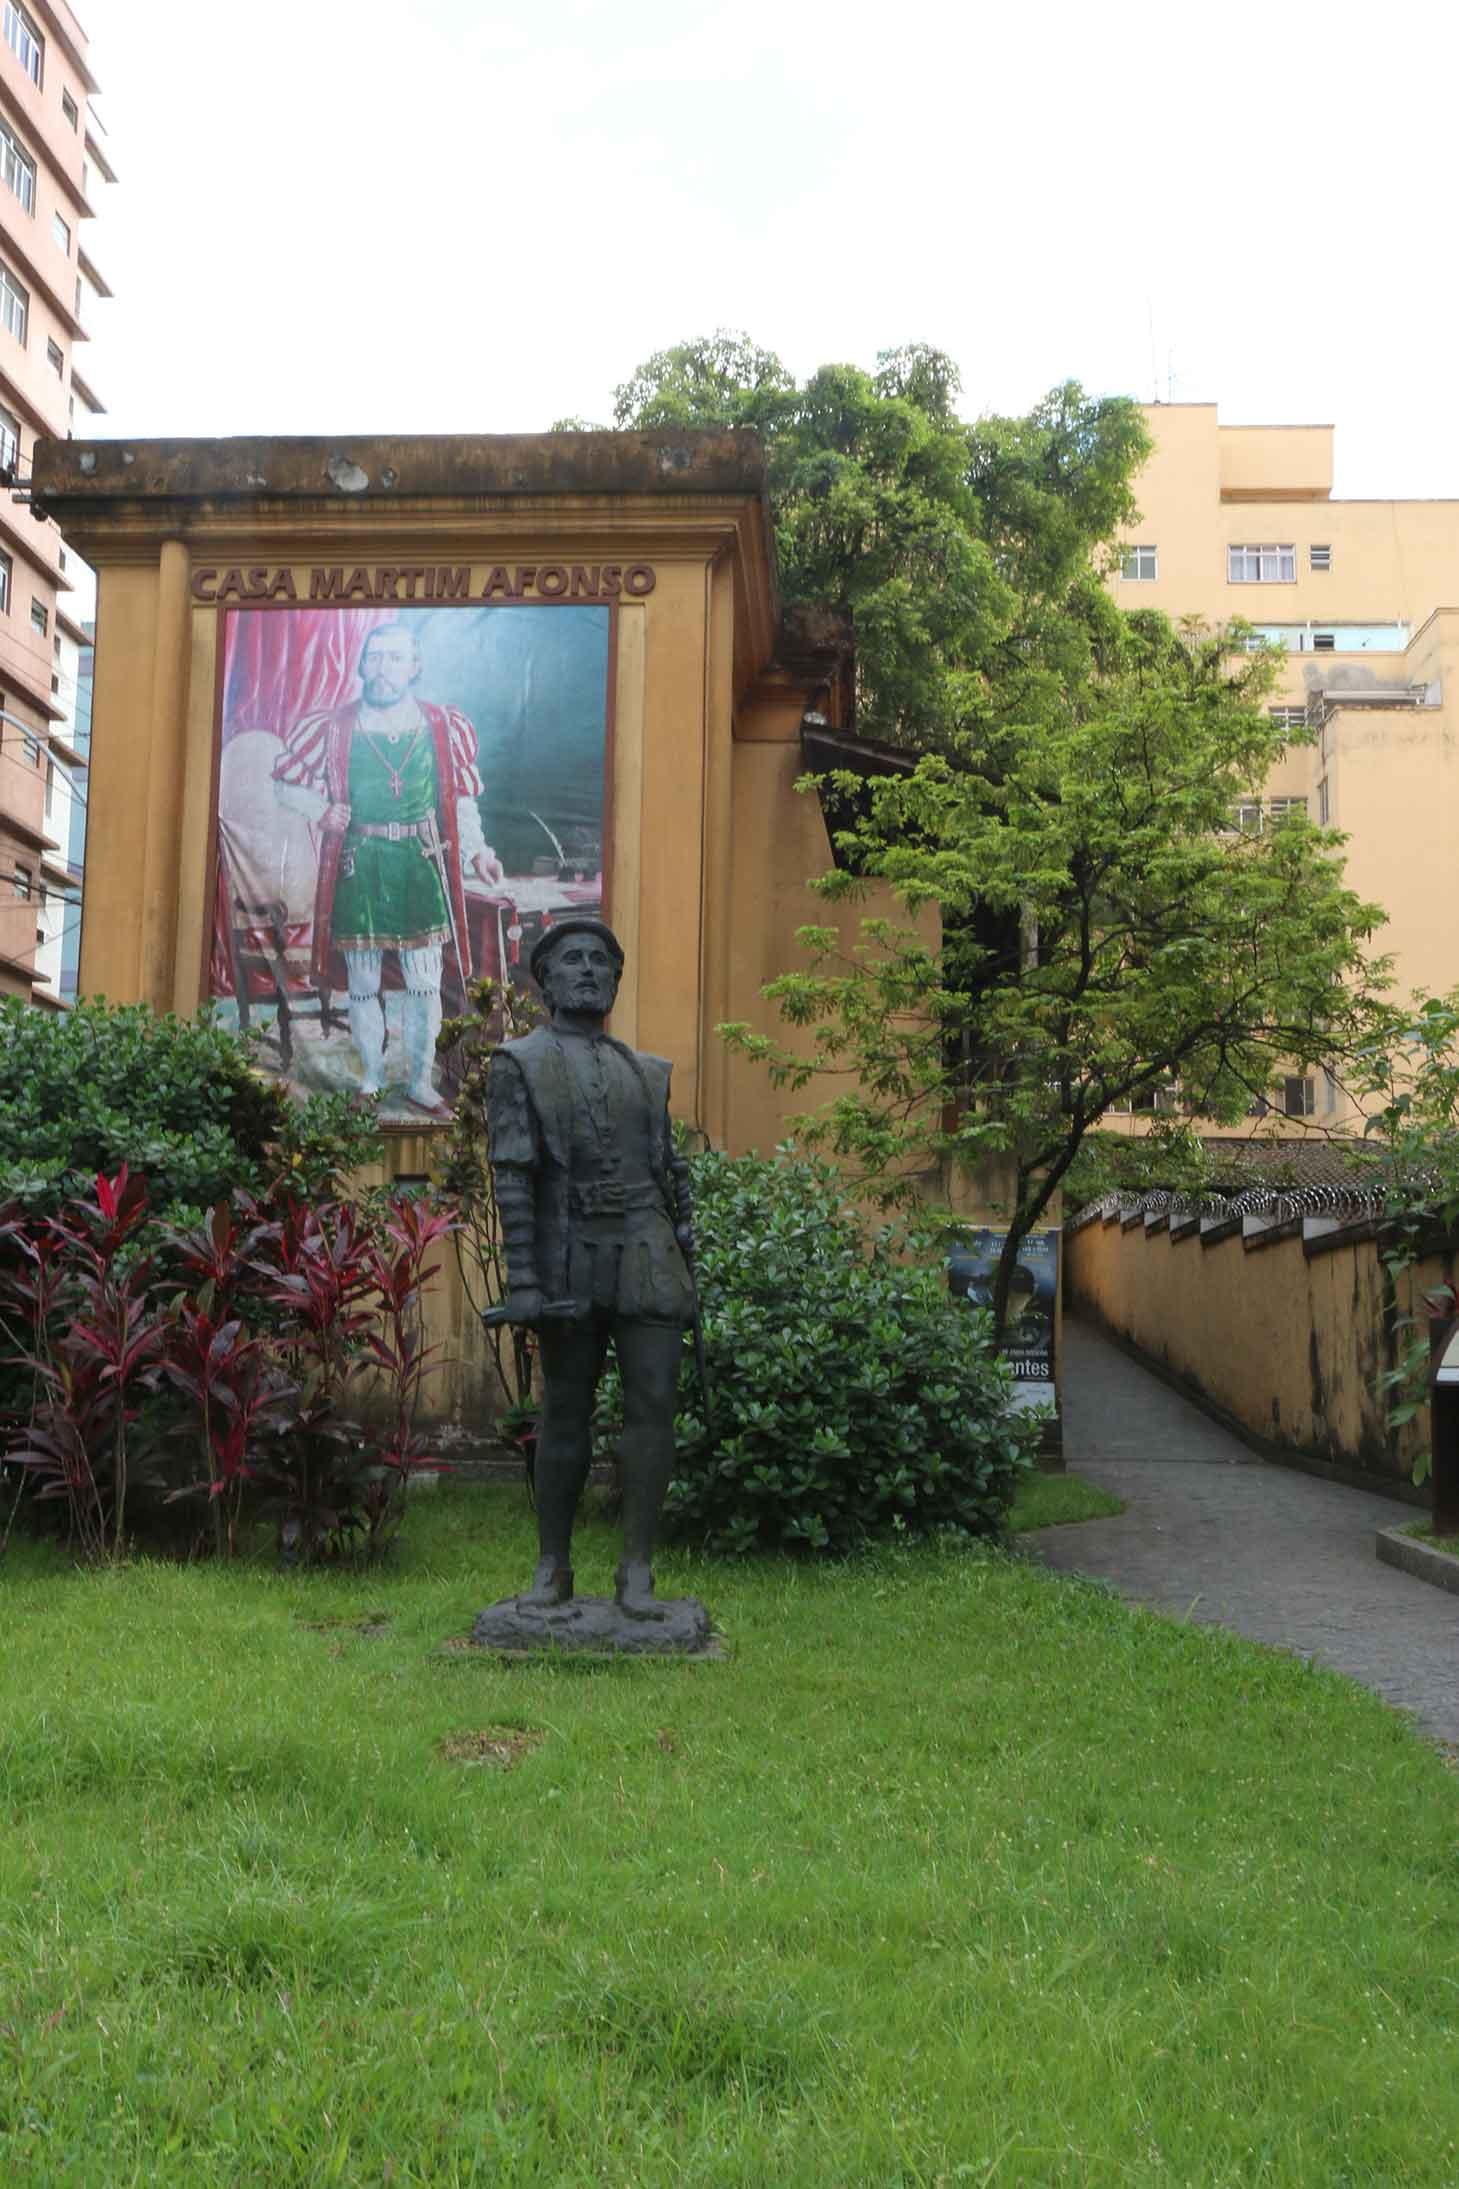 Casa de Martim Afonso-Sao-Vicente-historia-IMG_6834-bx